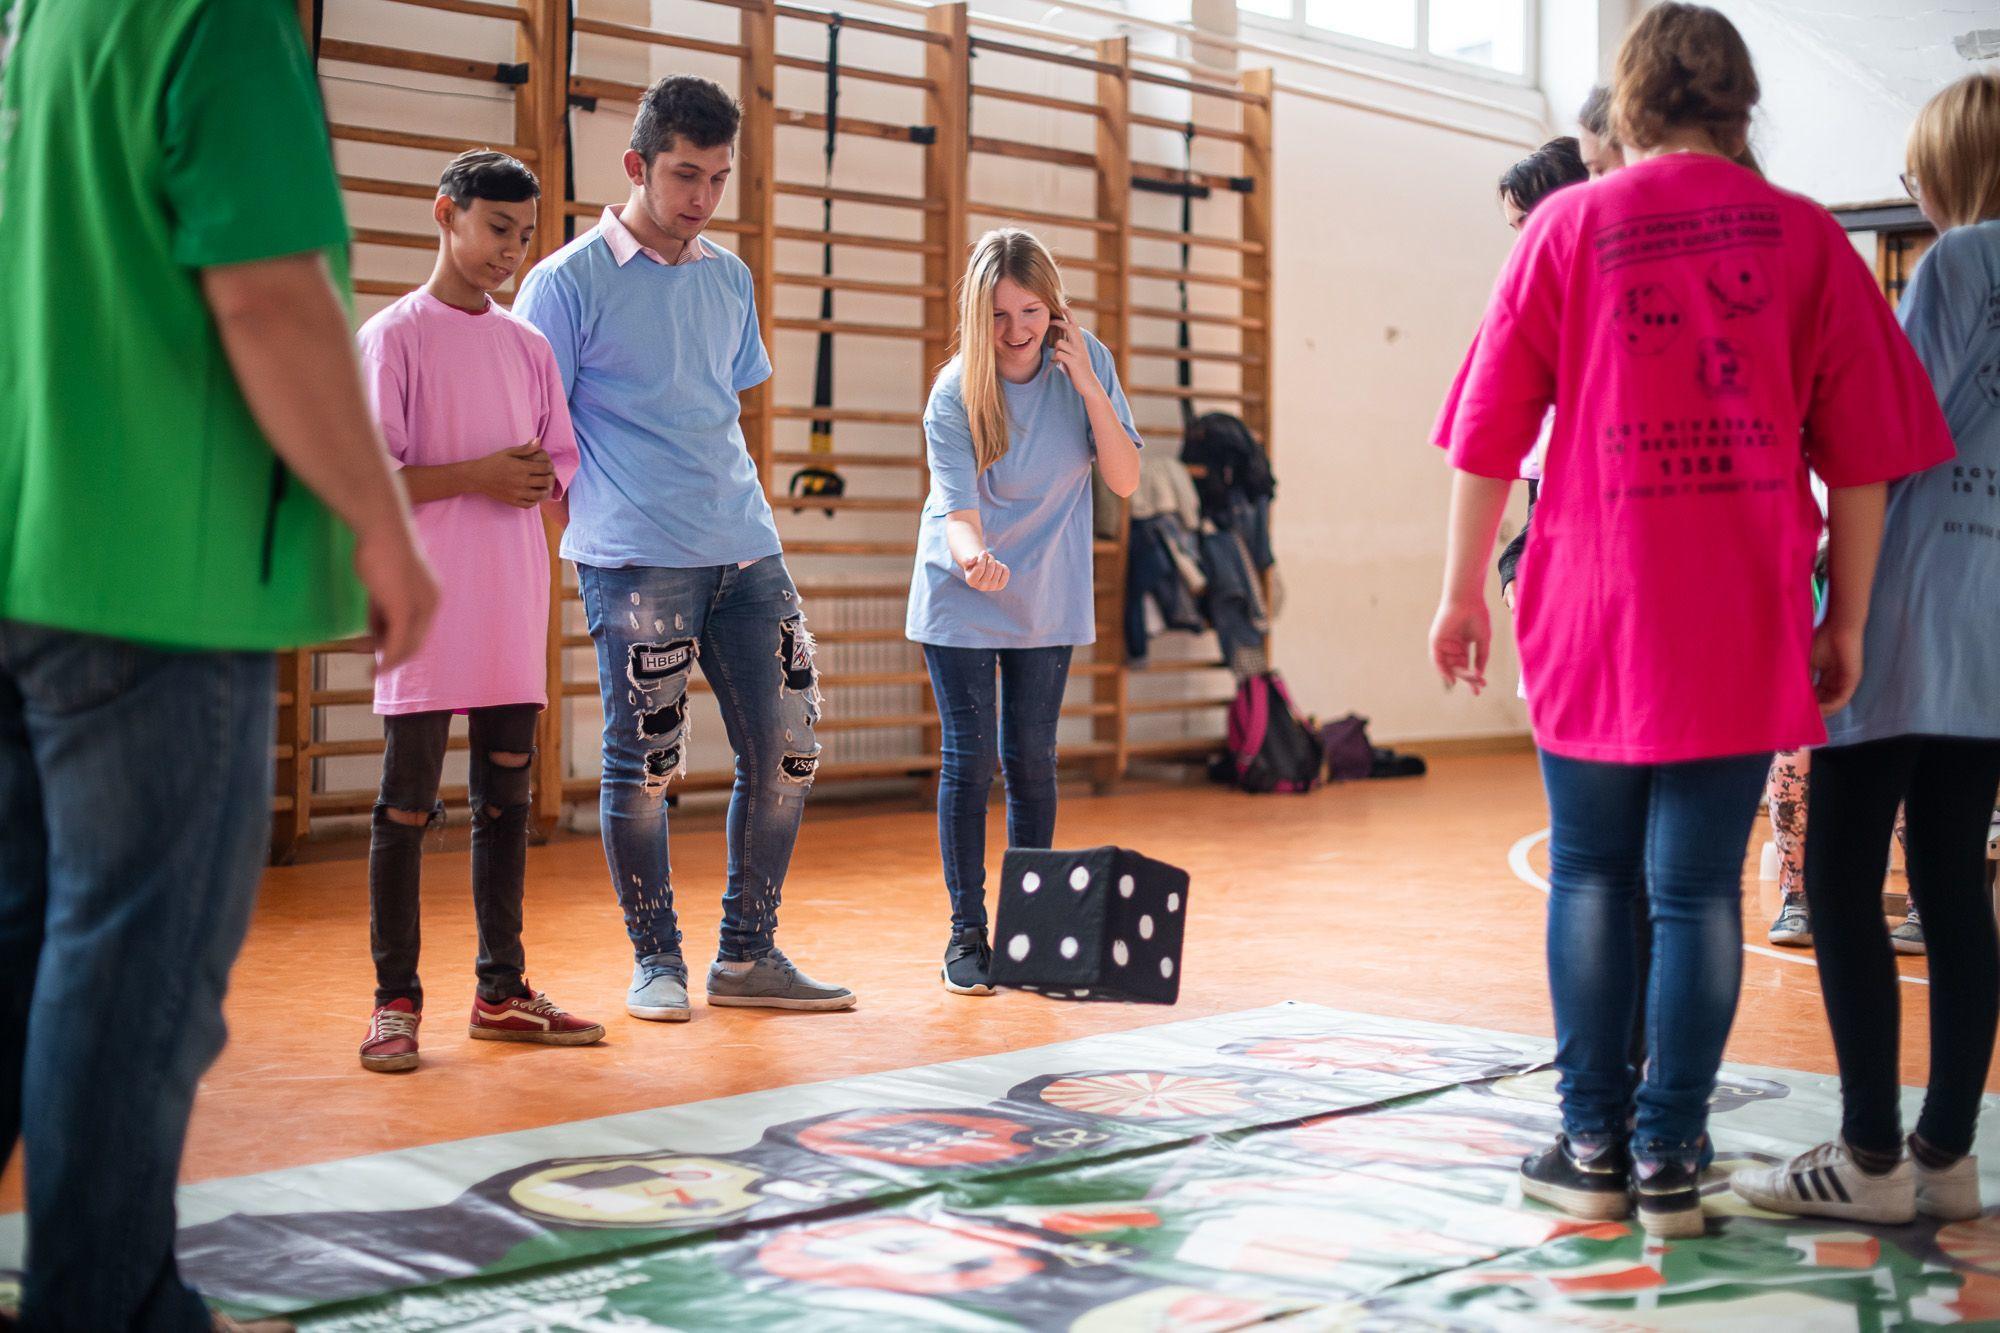 Gazdálkodni tanulnak a gyerekek az életnagyságú társasjátékkal